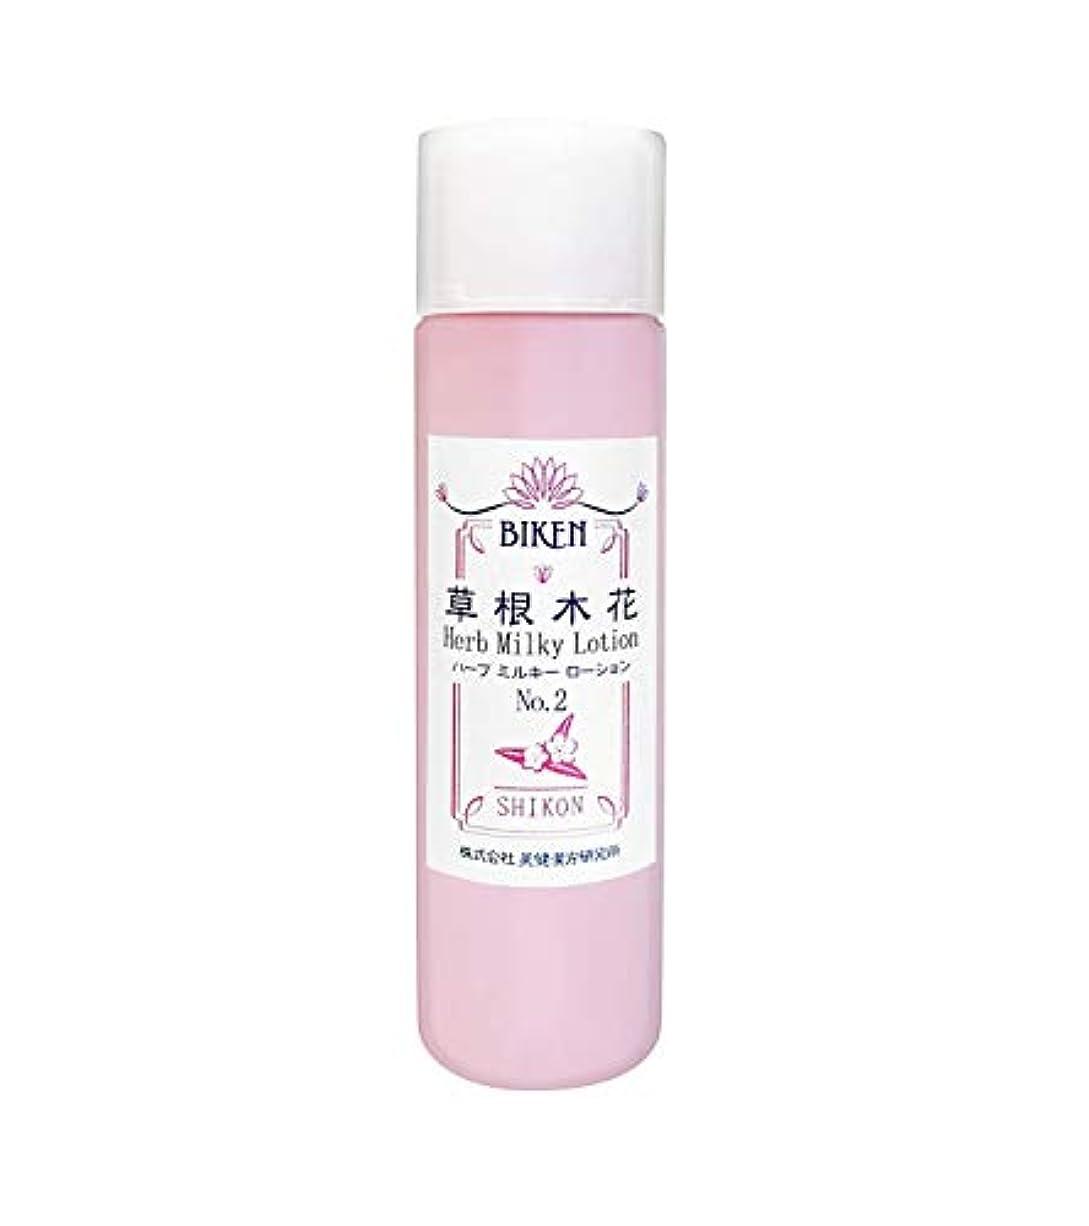 ランデブー表現選択「草根木花 ハーブミルキーローションNo.2 (紫根乳液)」 紫根(シコン)自然派基礎化粧品 シェアドコスメ(男女兼用化粧品)